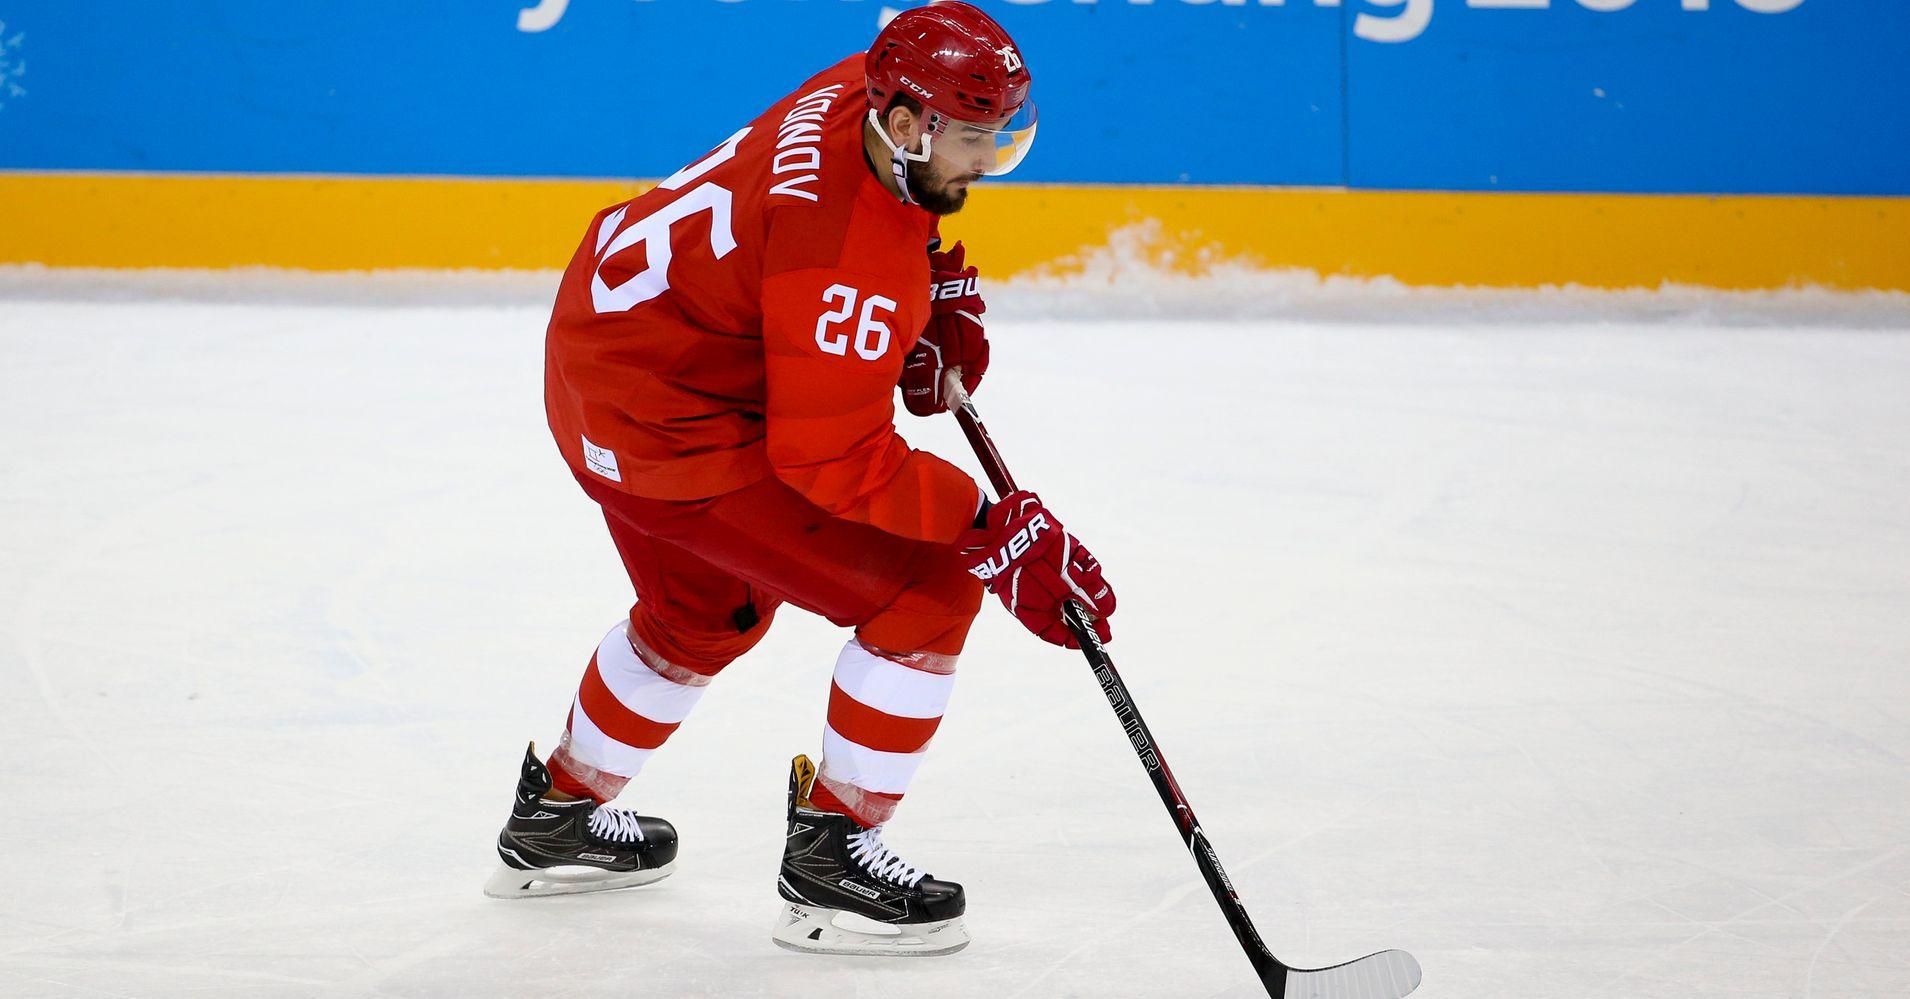 Znalezione obrazy dla zapytania pyeongchang 2018 ice hockey vyacheslav voynov